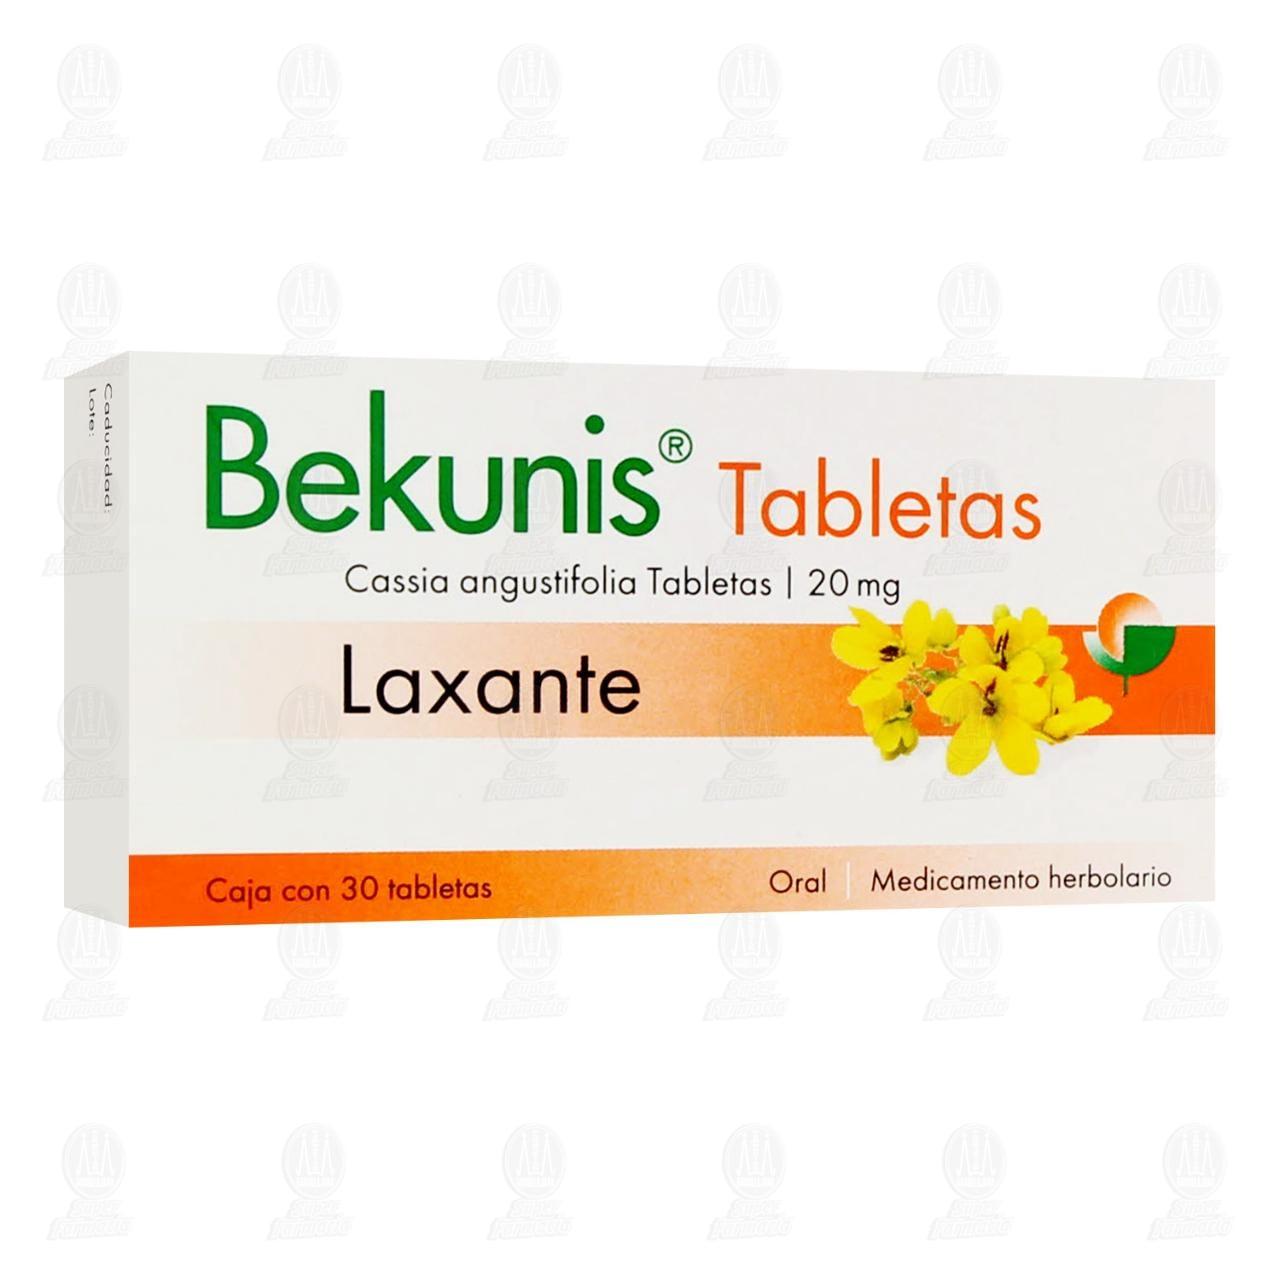 Comprar Bekunis 20mg 30 Tabletas en Farmacias Guadalajara